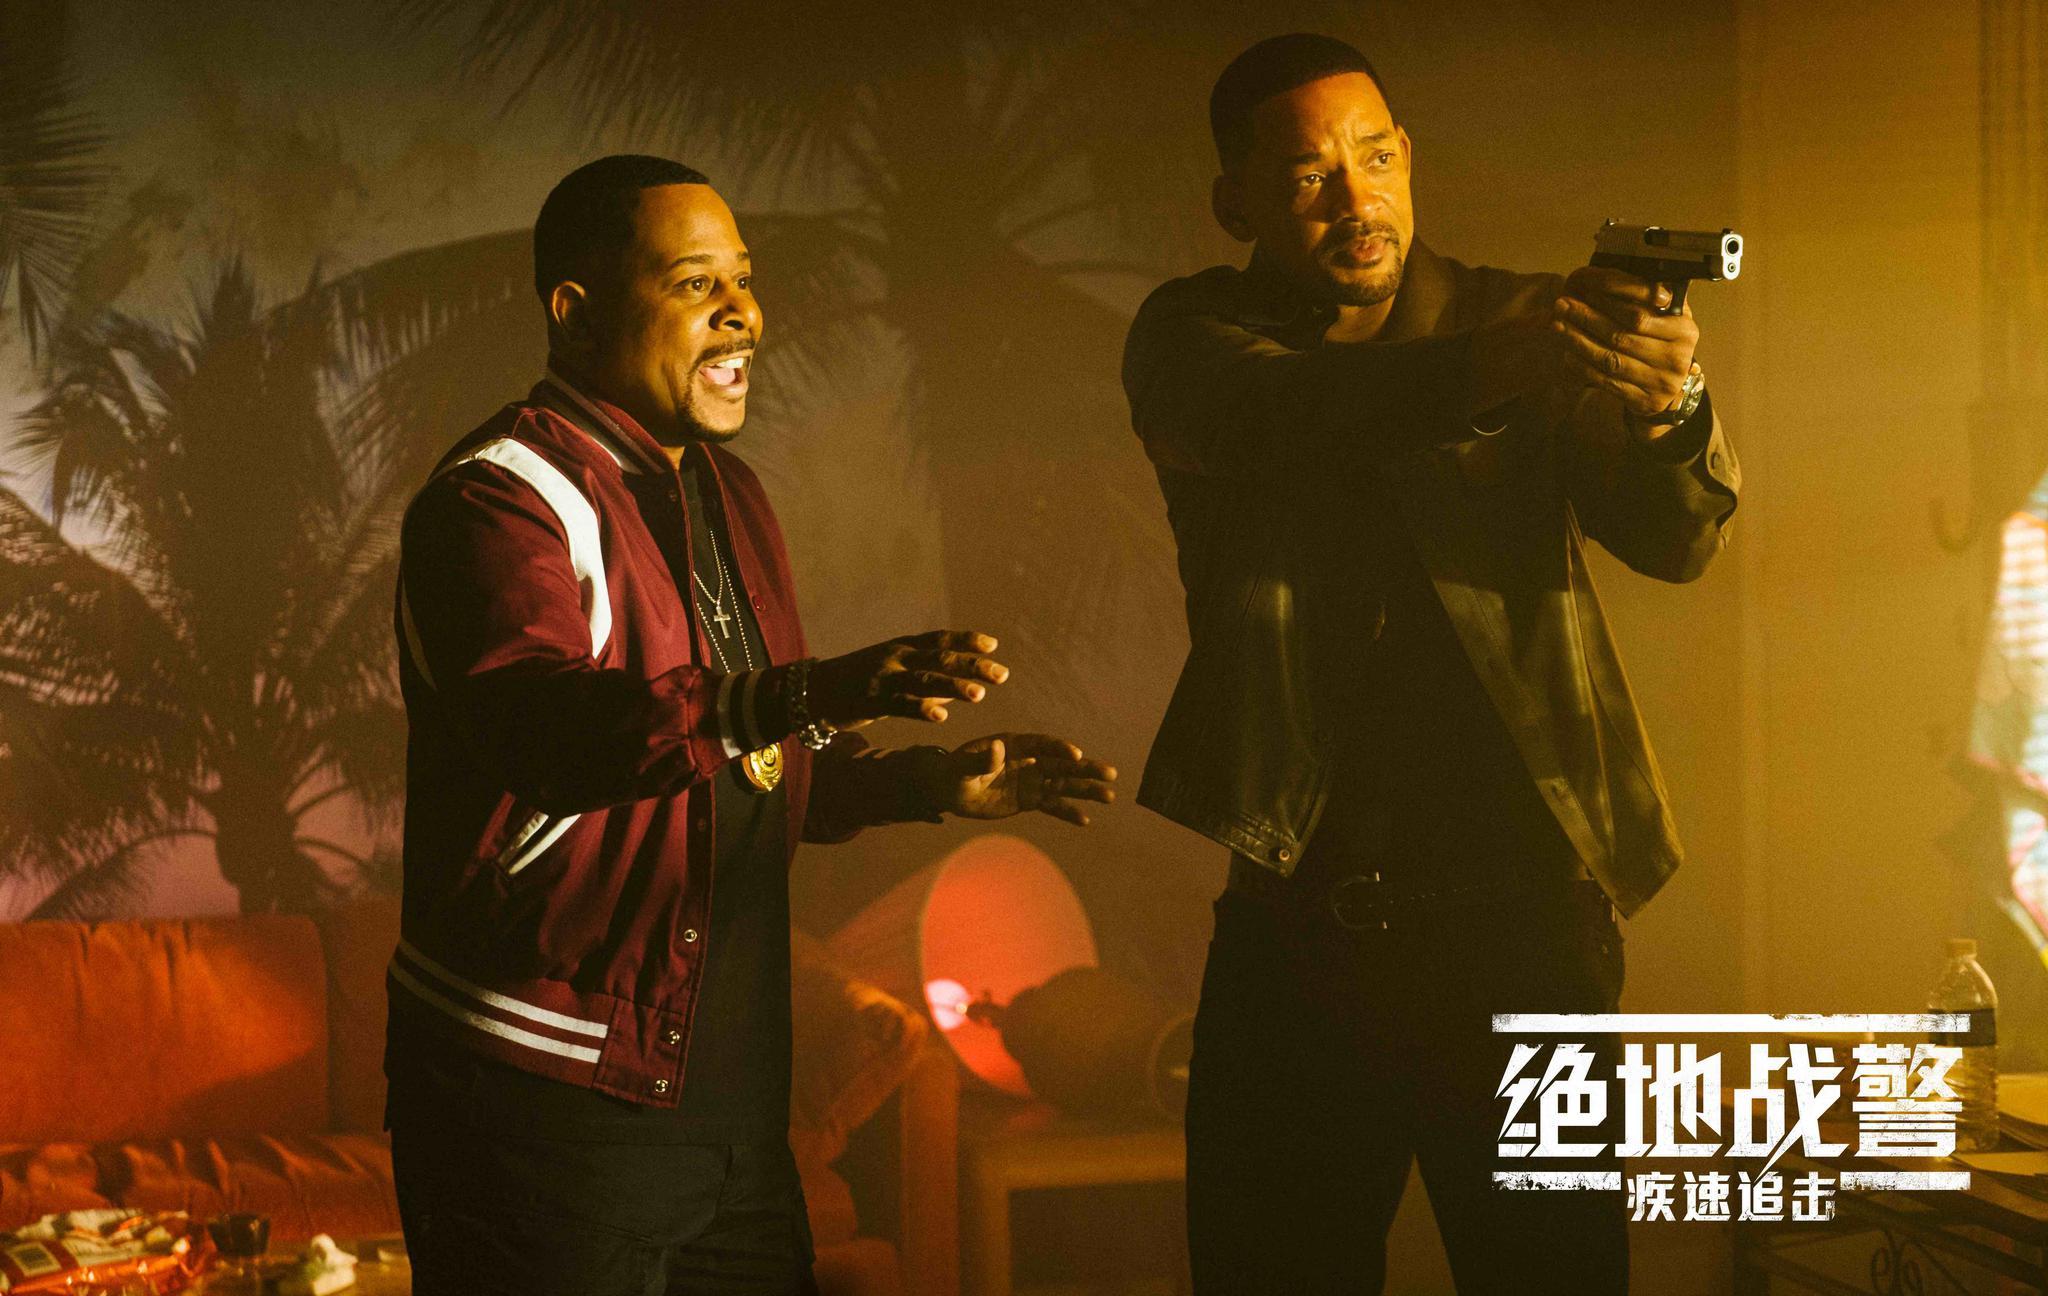 《绝地战警:疾速追击》发布原声大碟 北美上映刷新开画票房记录